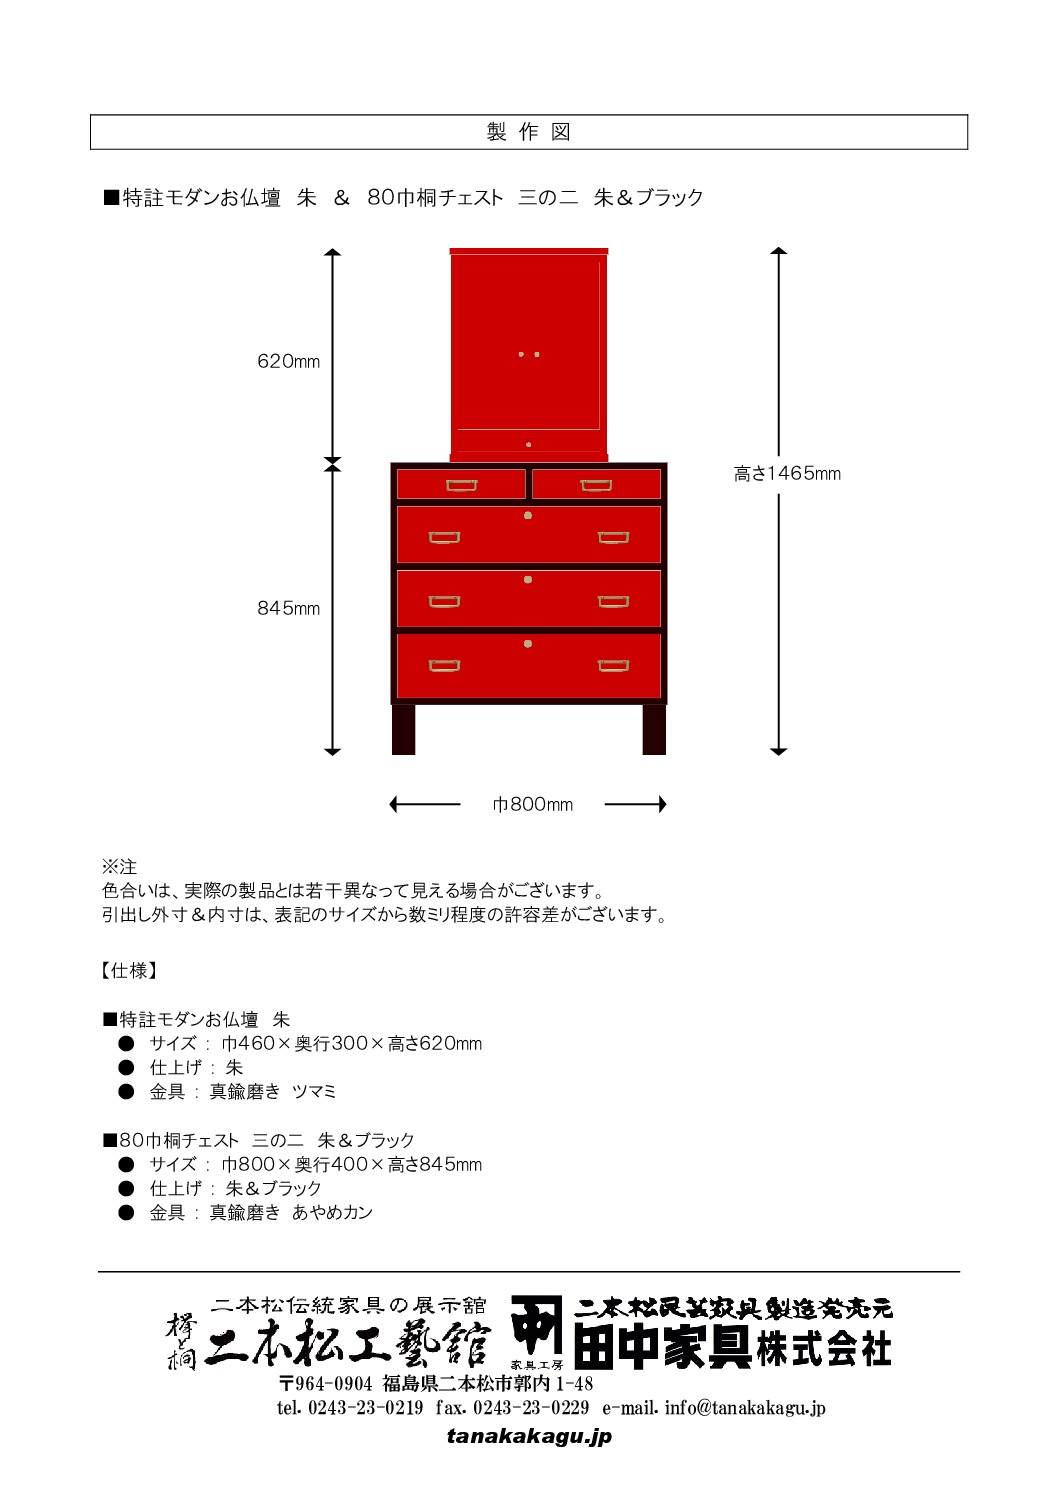 190512特注モダンお仏壇&桐モダンチェスト